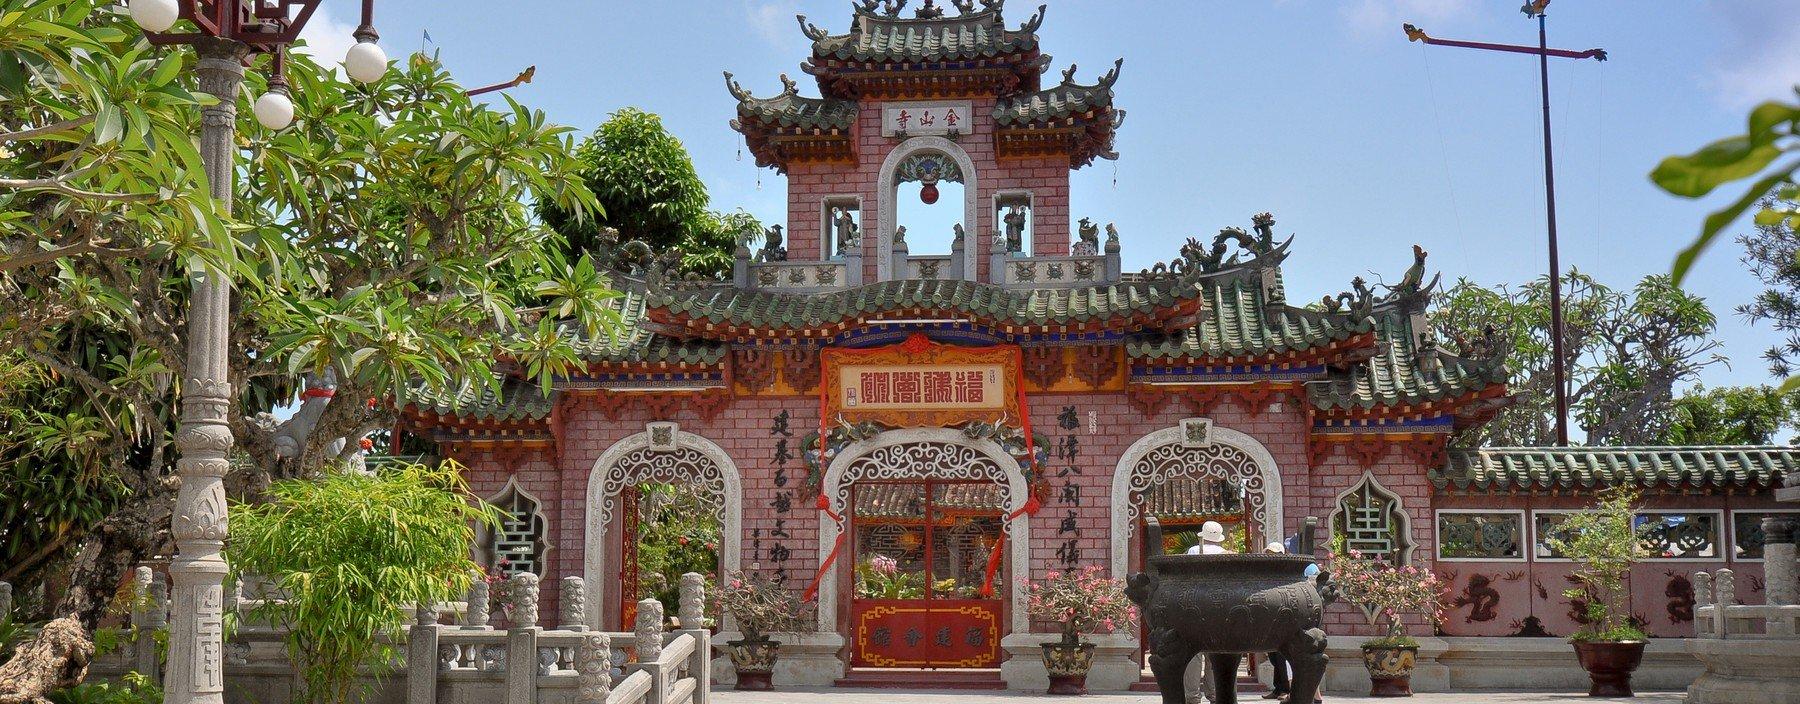 vn, hoi an, phuc kien pagode  (2).jpg